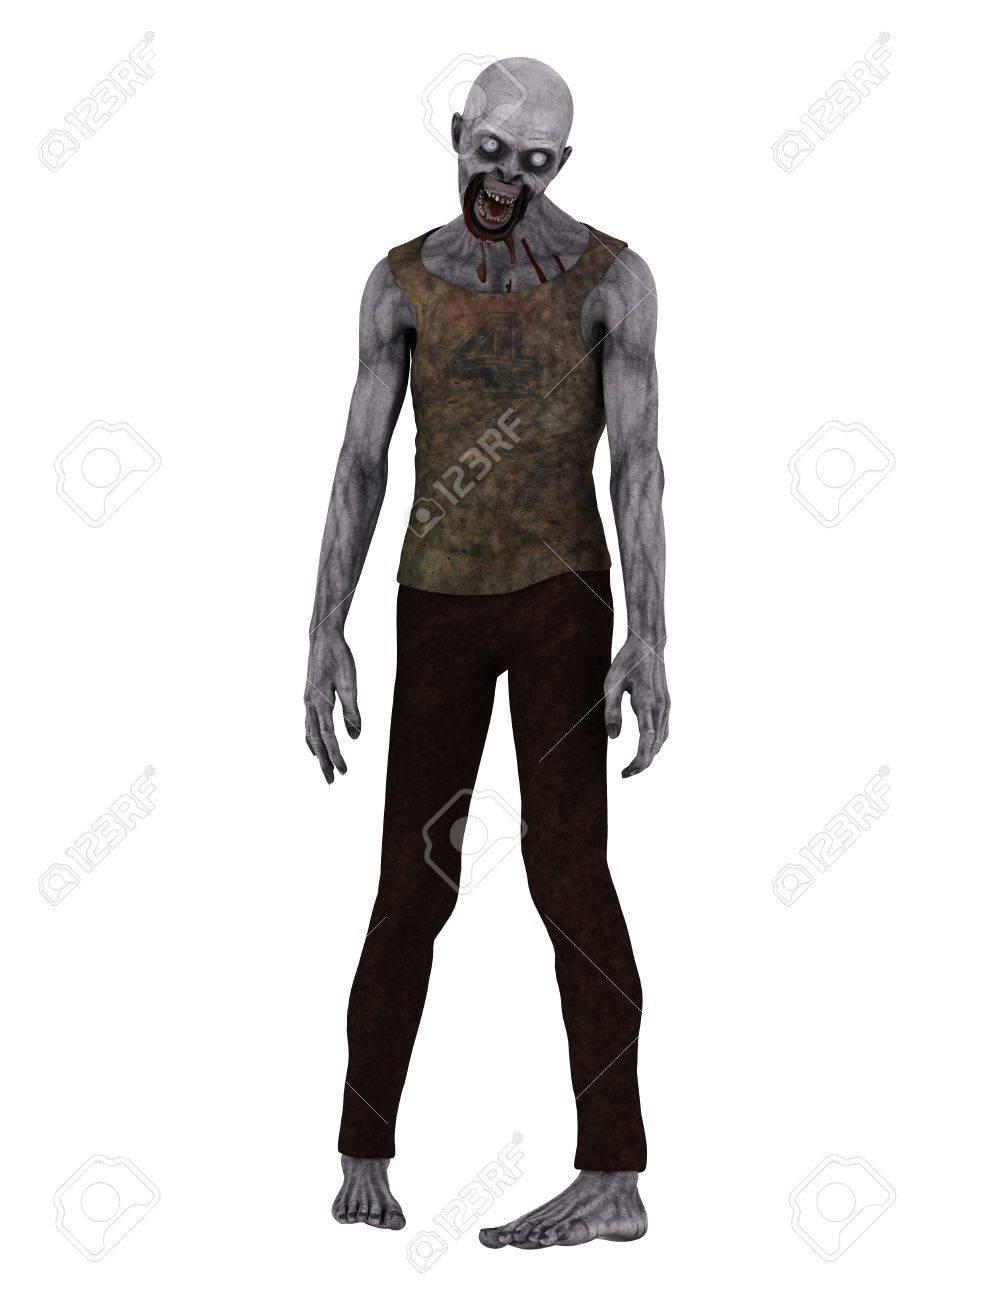 zombie - 20681543